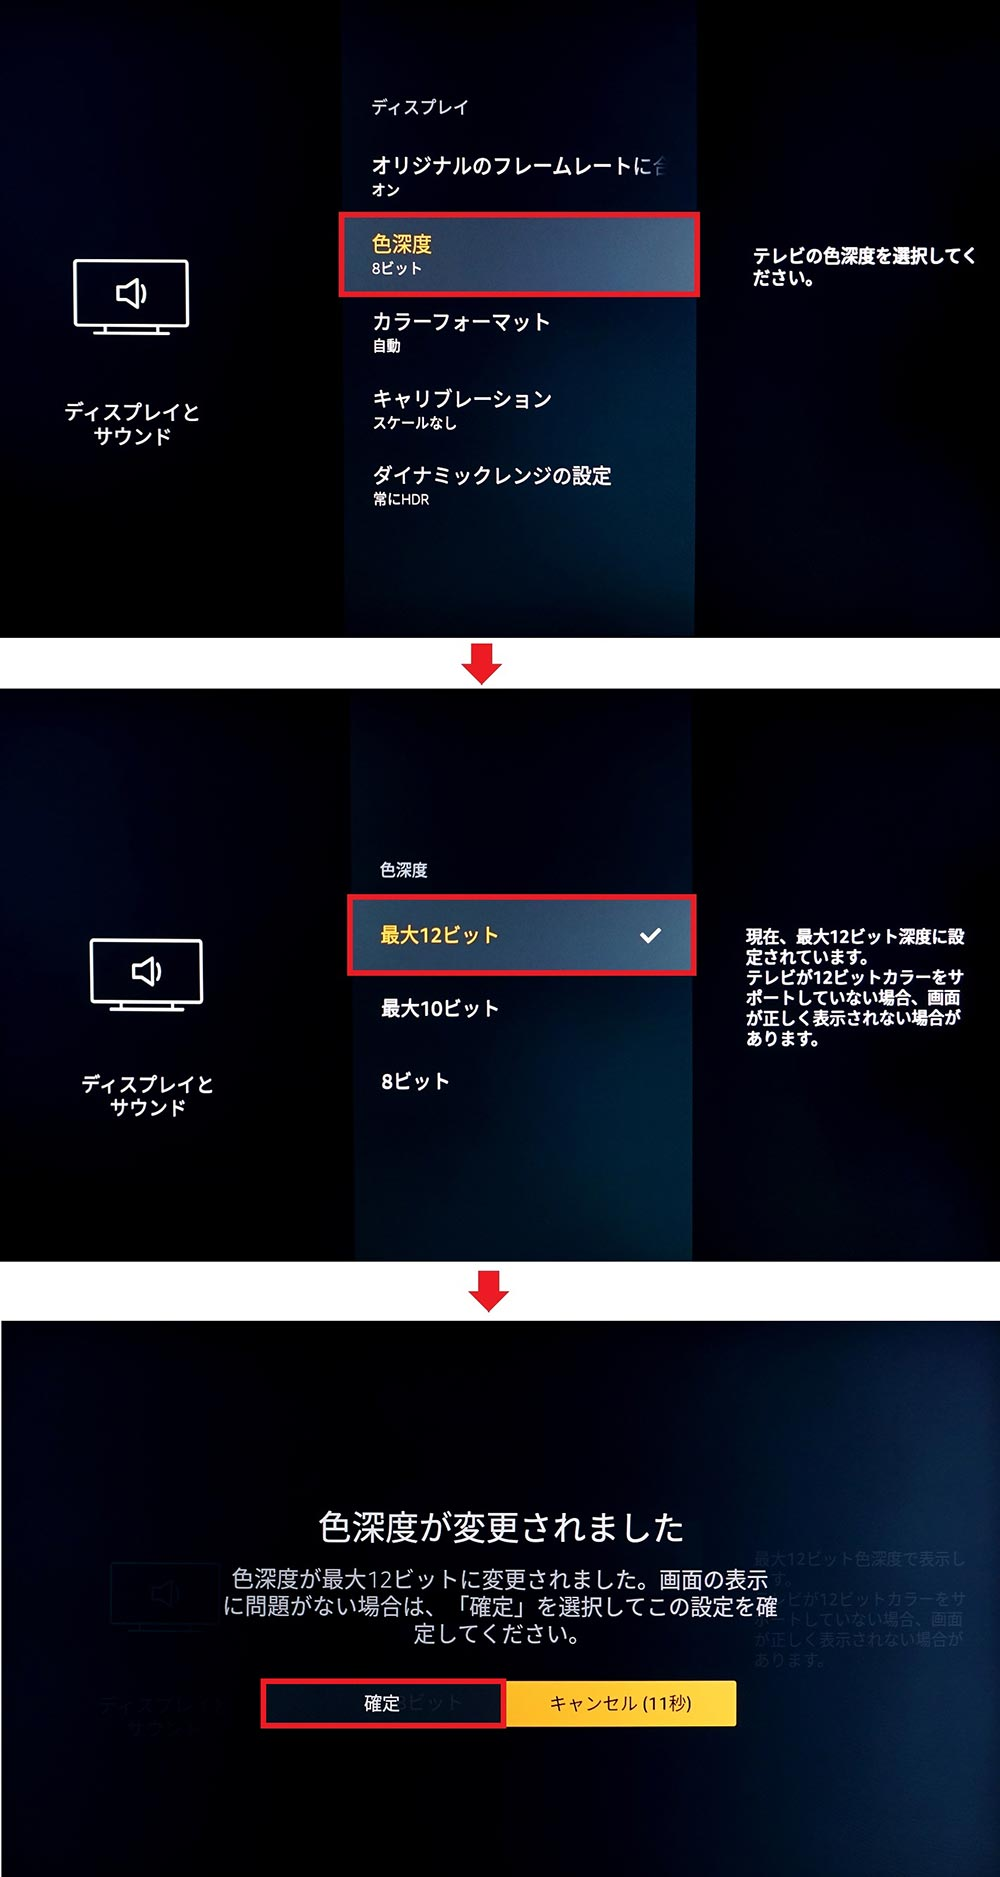 テレビ 画質 youtube